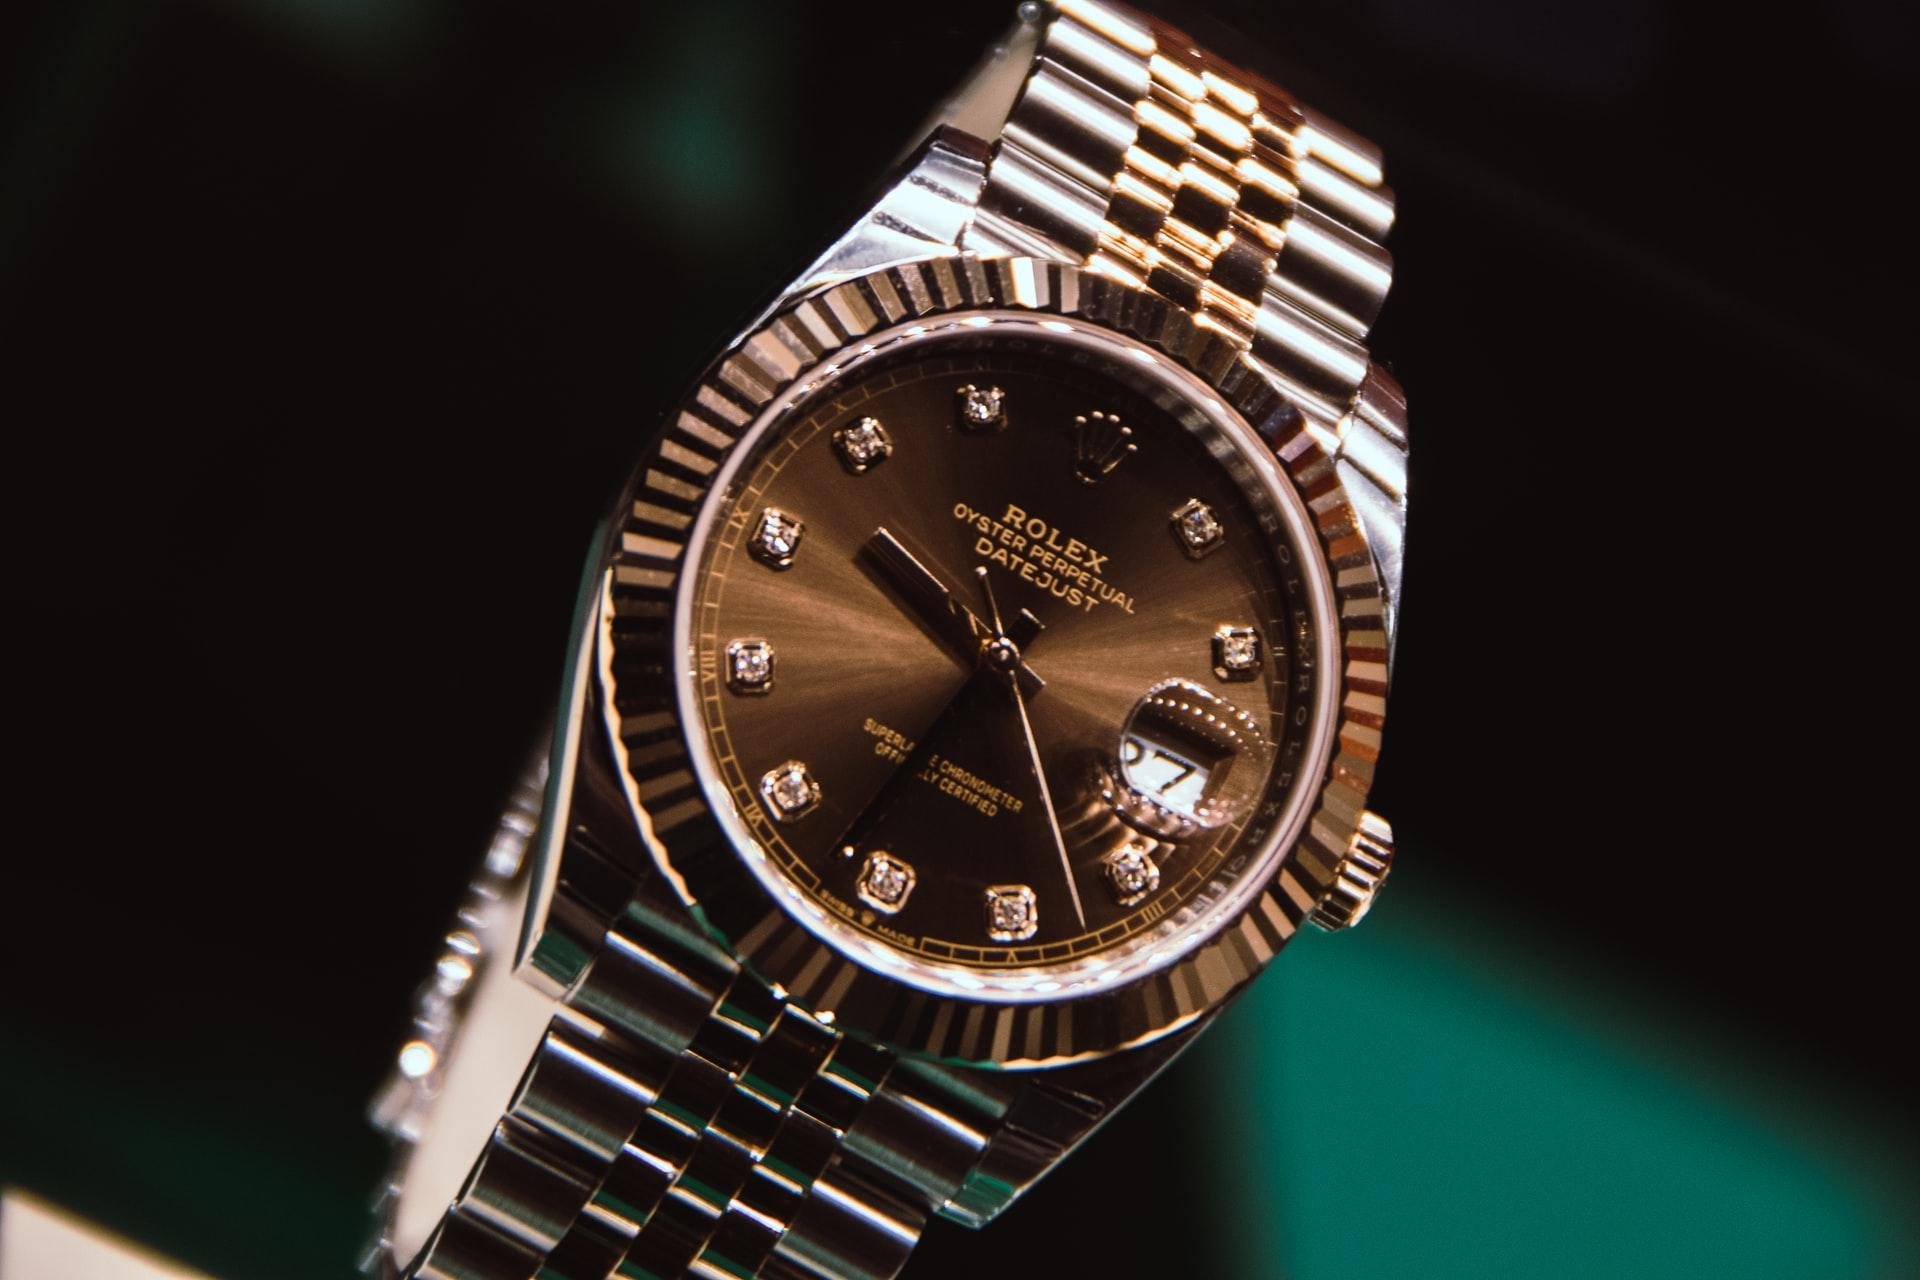 Copper Rolex Watch on black background